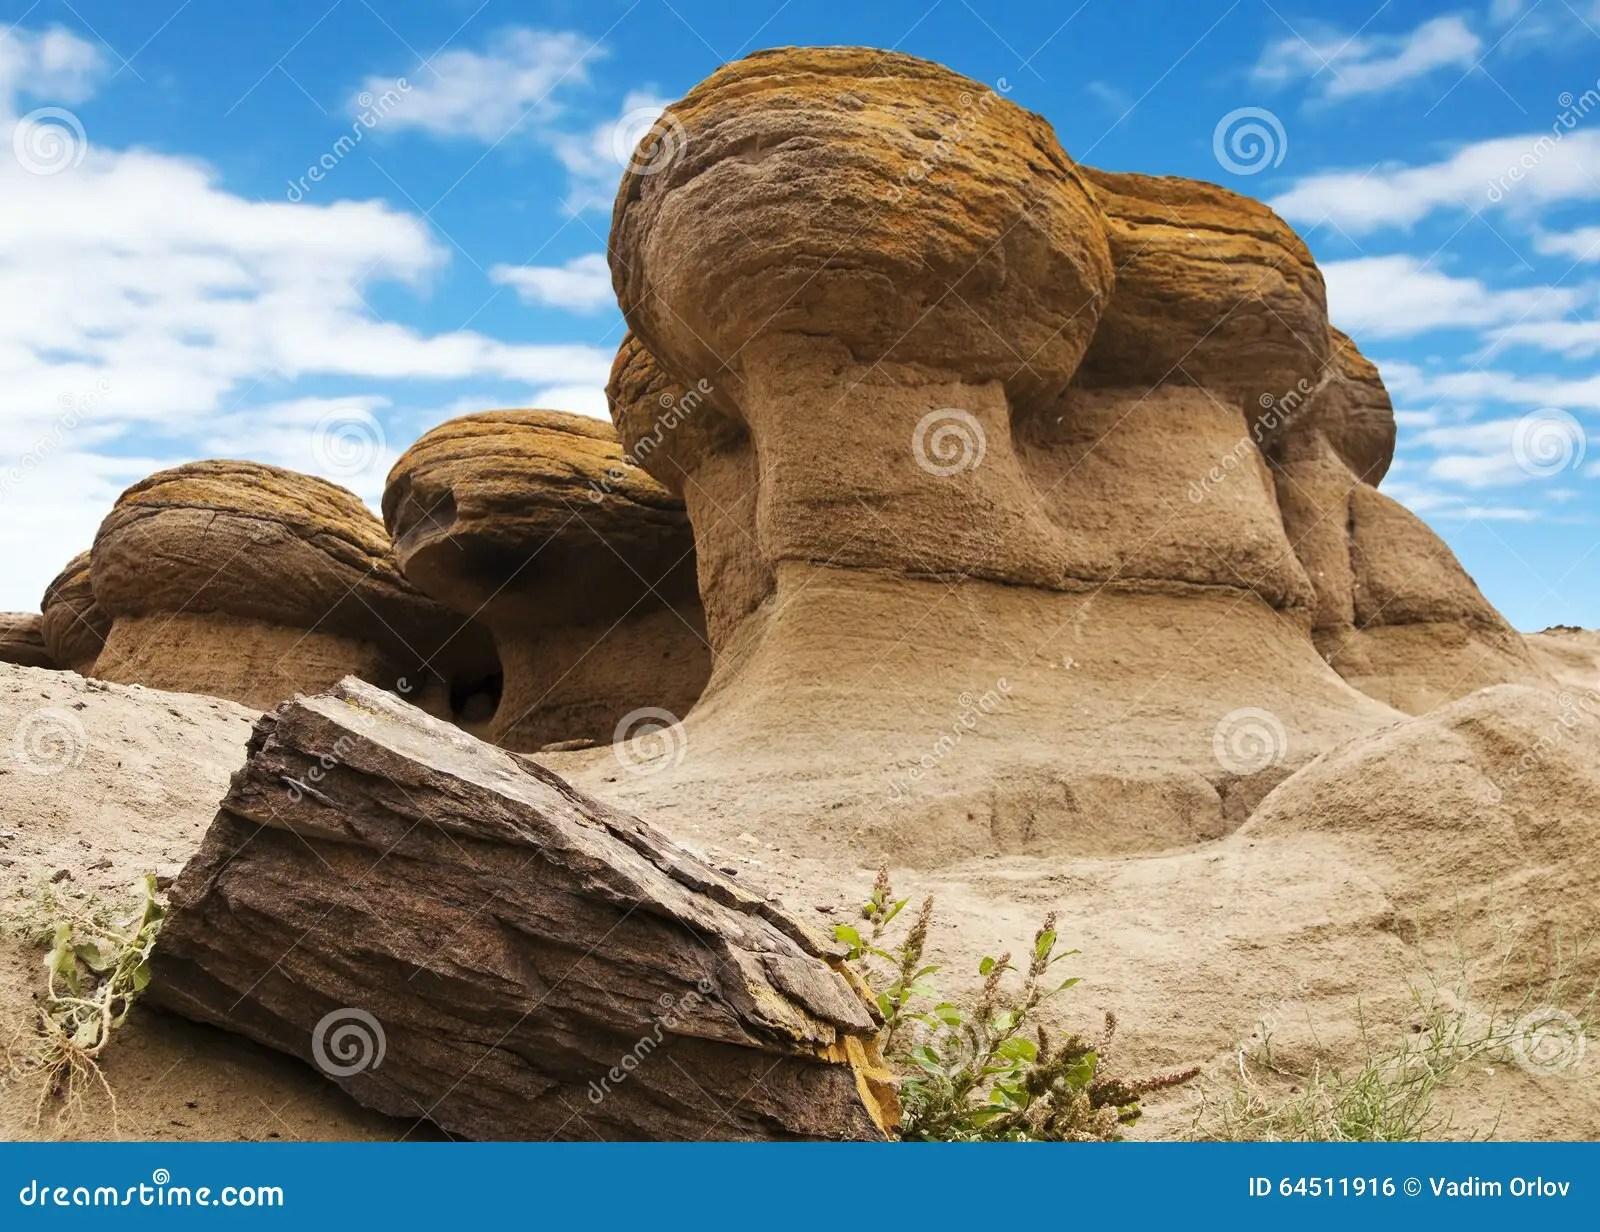 Weathering Of Rocks Stock Photo Image Of Landscape